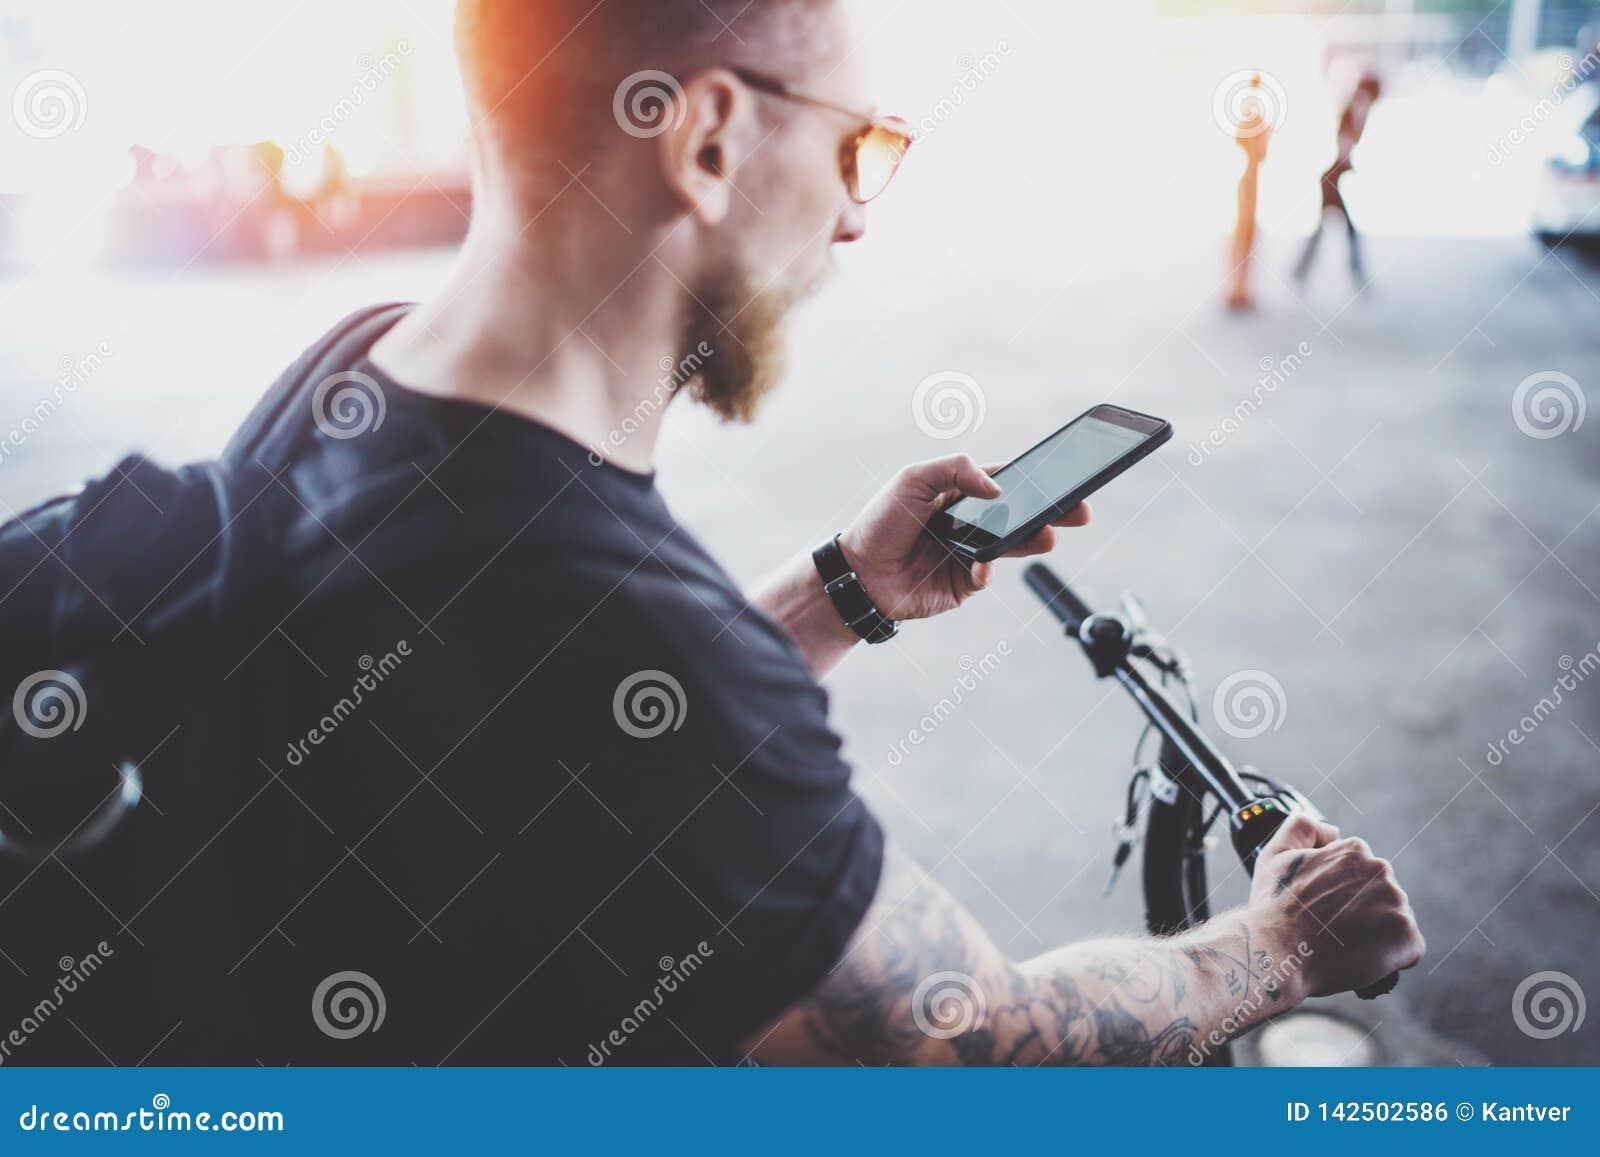 Бородатый мышечный татуированный хипстер в солнечных очках используя смартфон после ехать электрическим скутером в городе